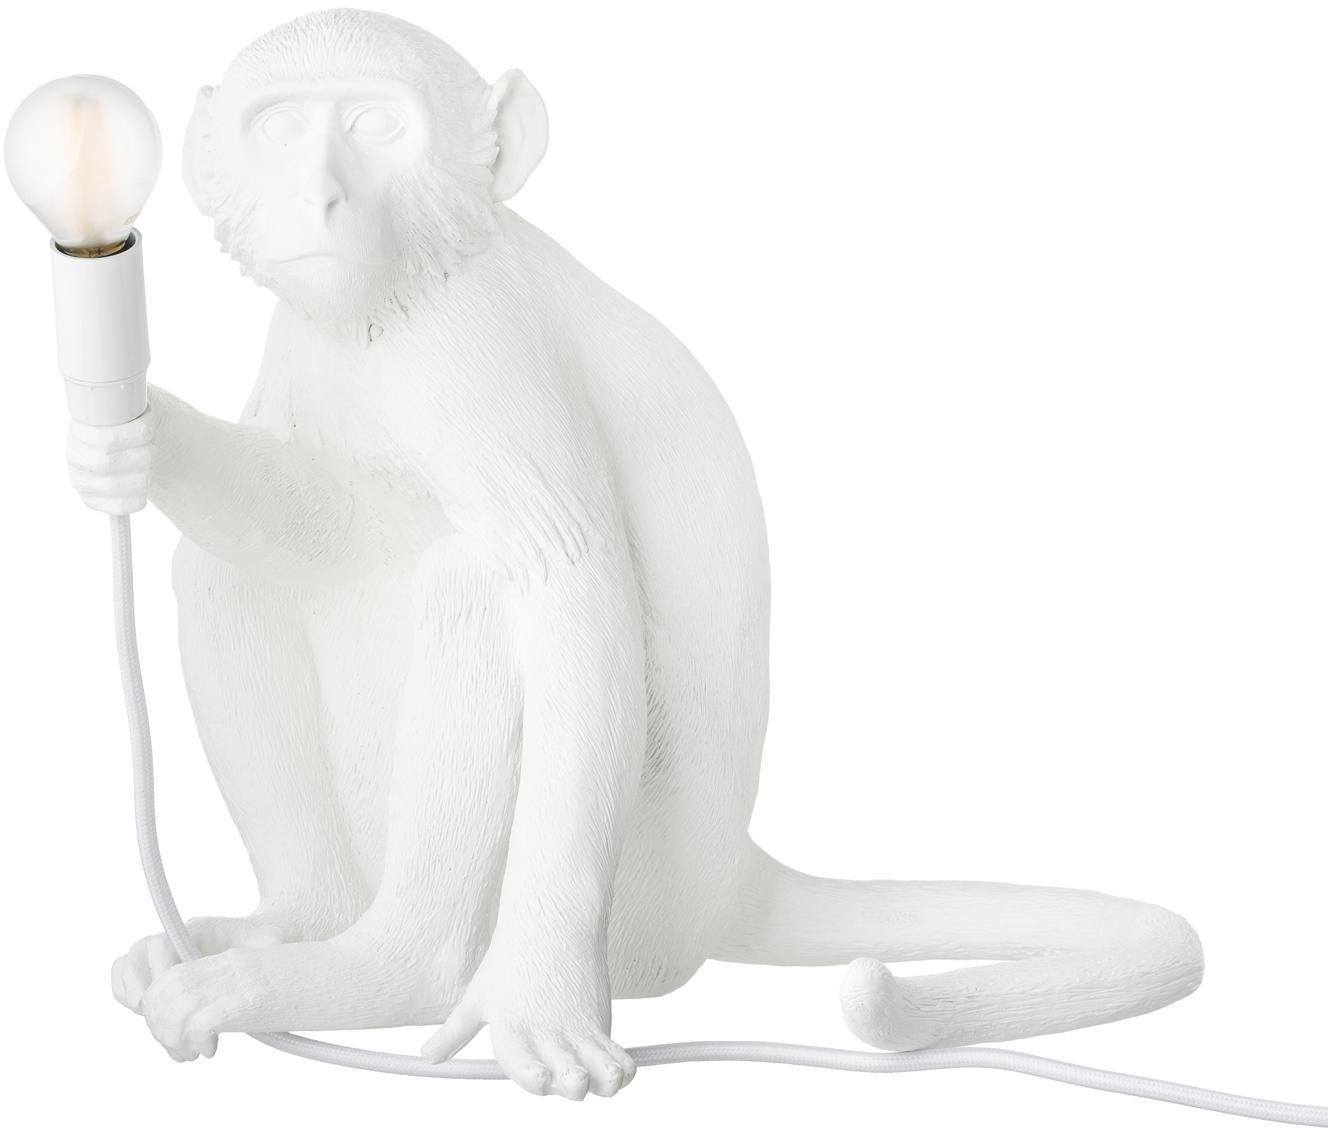 Außen-Tischleuchte Monkey, Kunstharz, Weiß, 34 x 32 cm